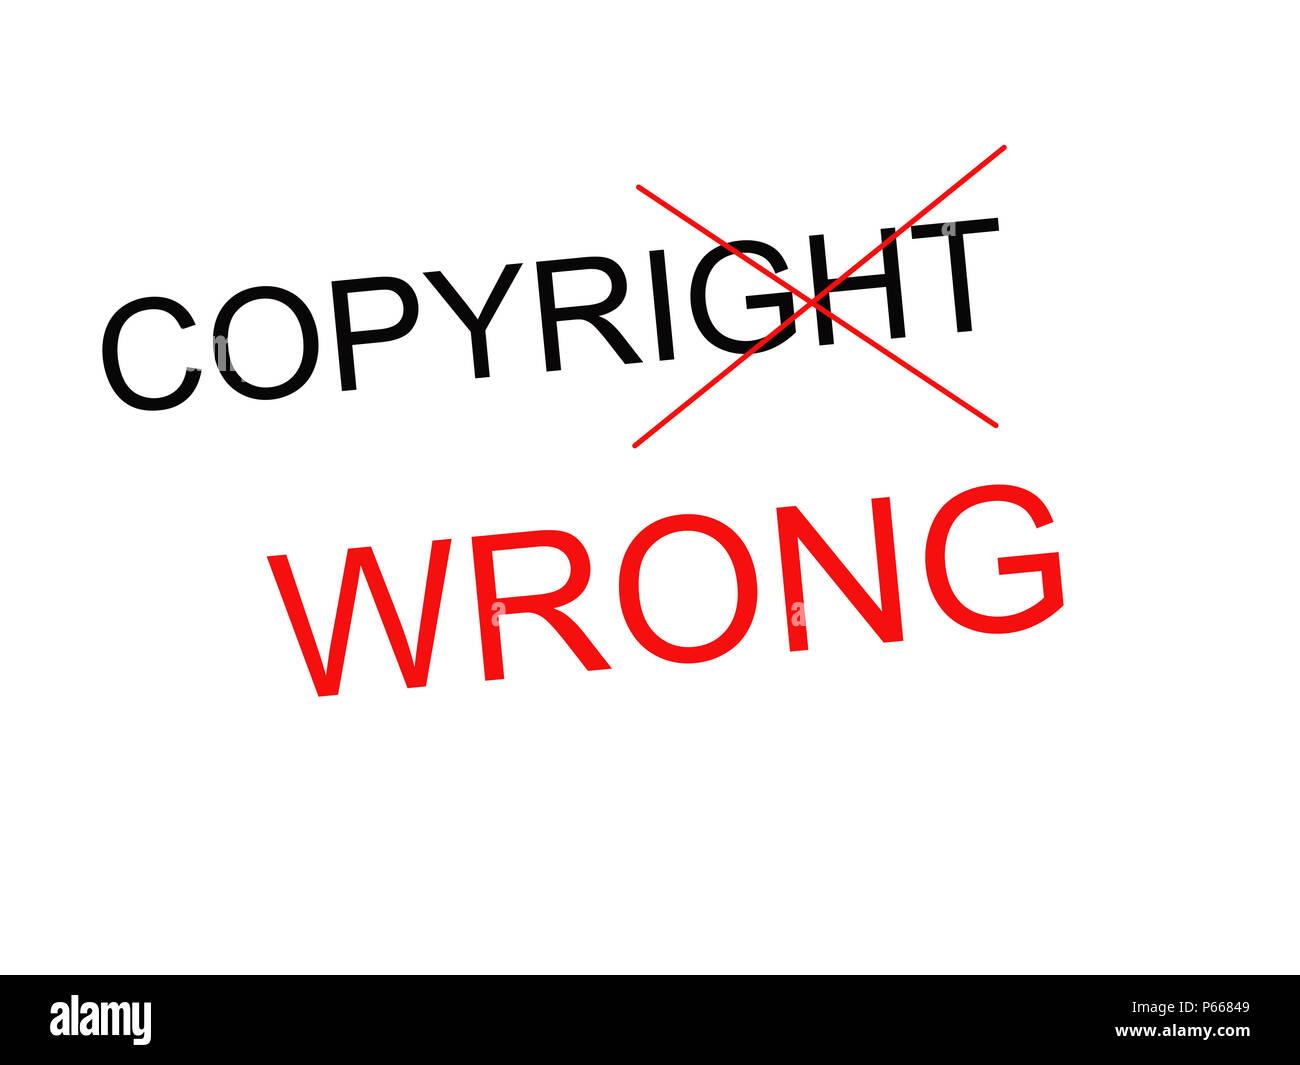 Controversial EU copyright directive. - Stock Image